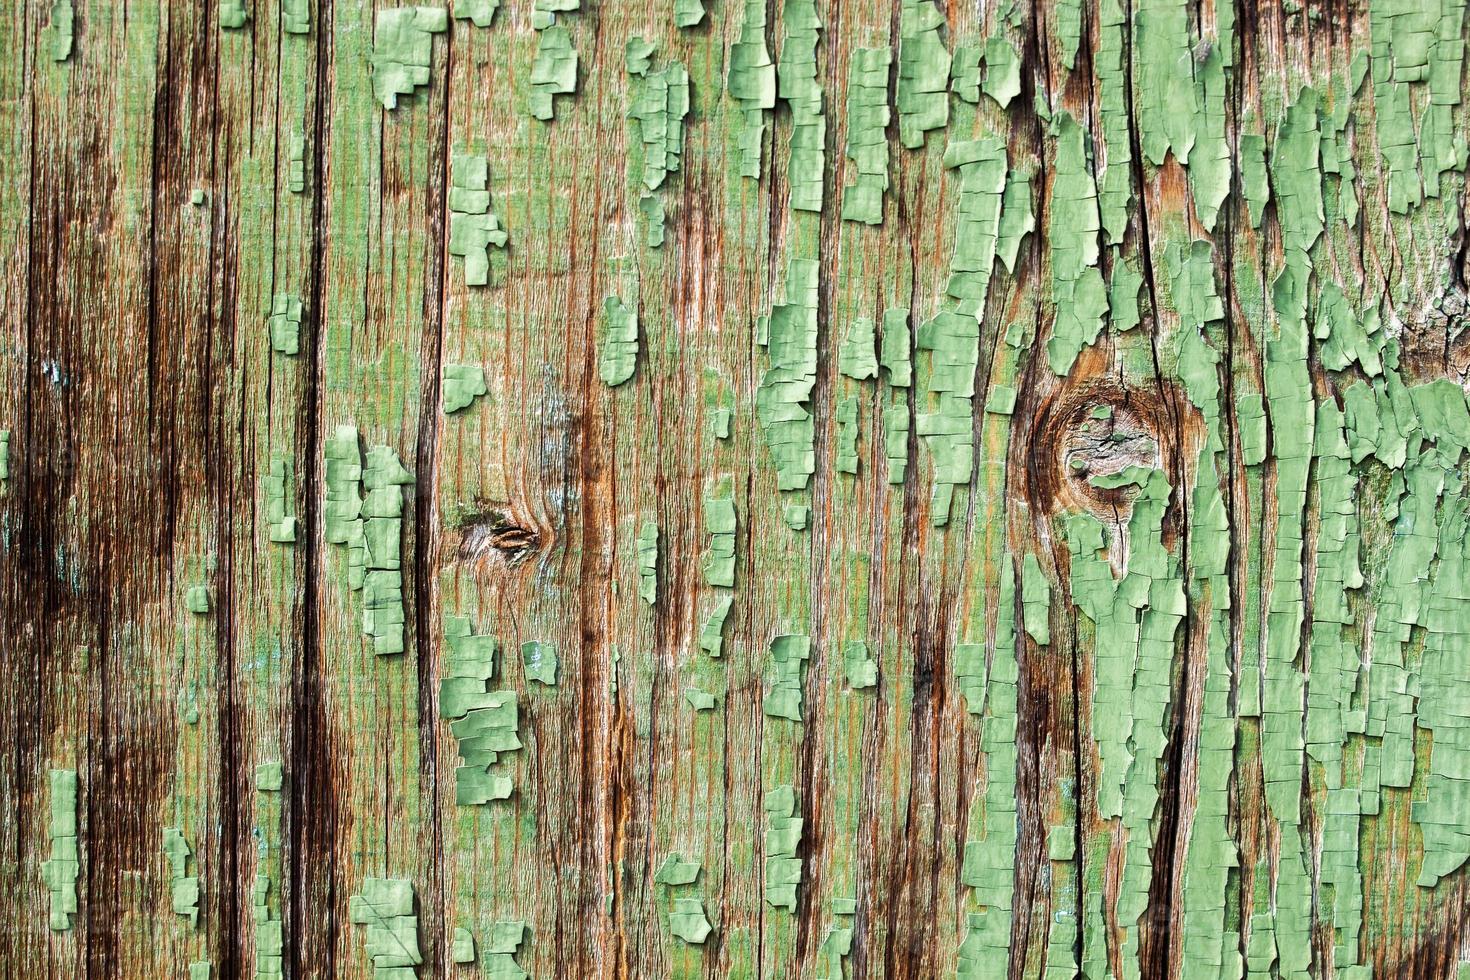 oude houten deur met groene gebarsten verf. foto